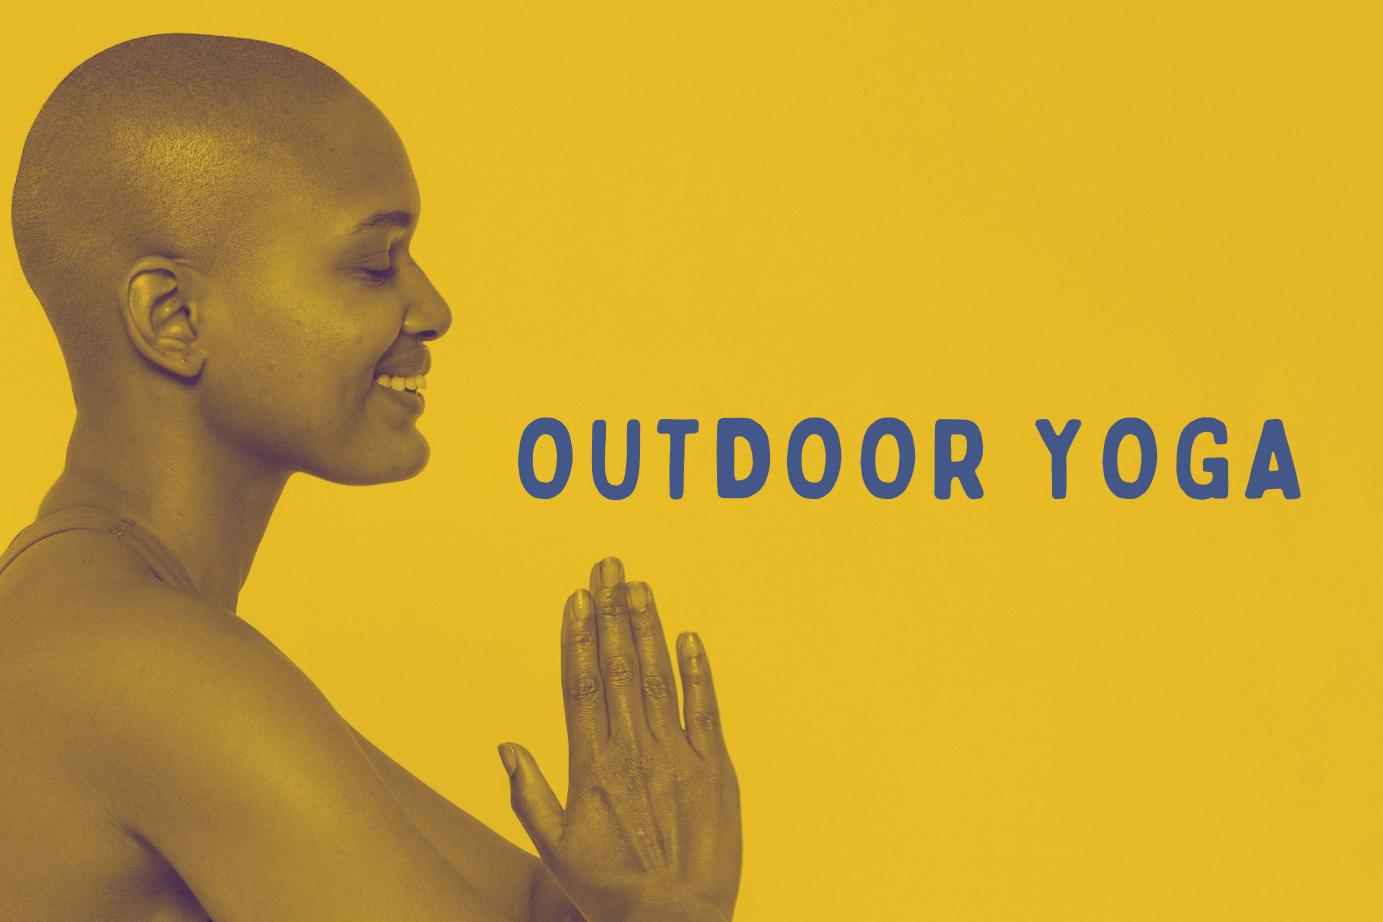 Urban Yogis Outdoor Yoga Class